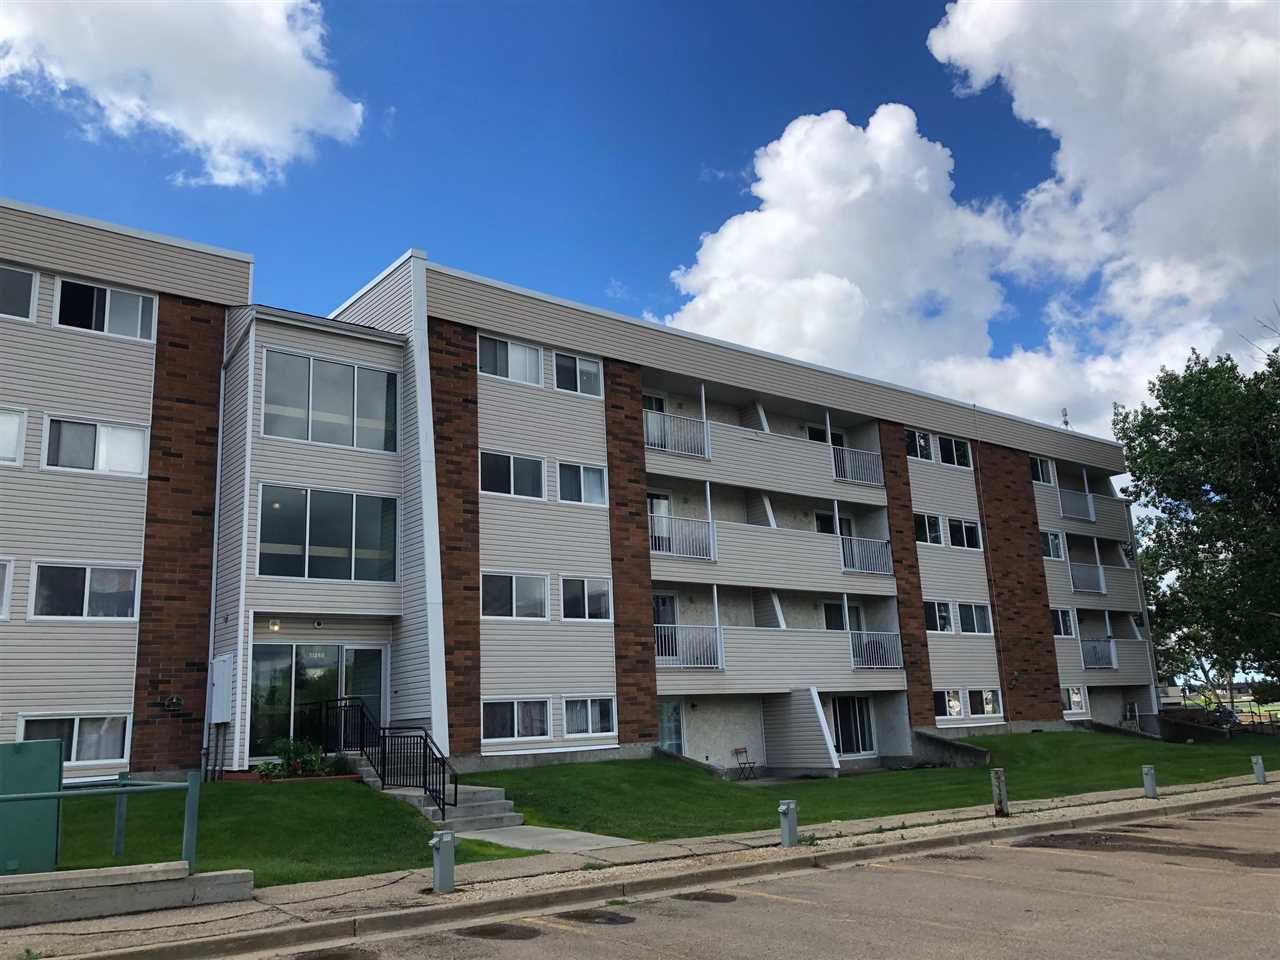 Main Photo: 58 11245 31 Avenue in Edmonton: Zone 16 Condo for sale : MLS®# E4165648